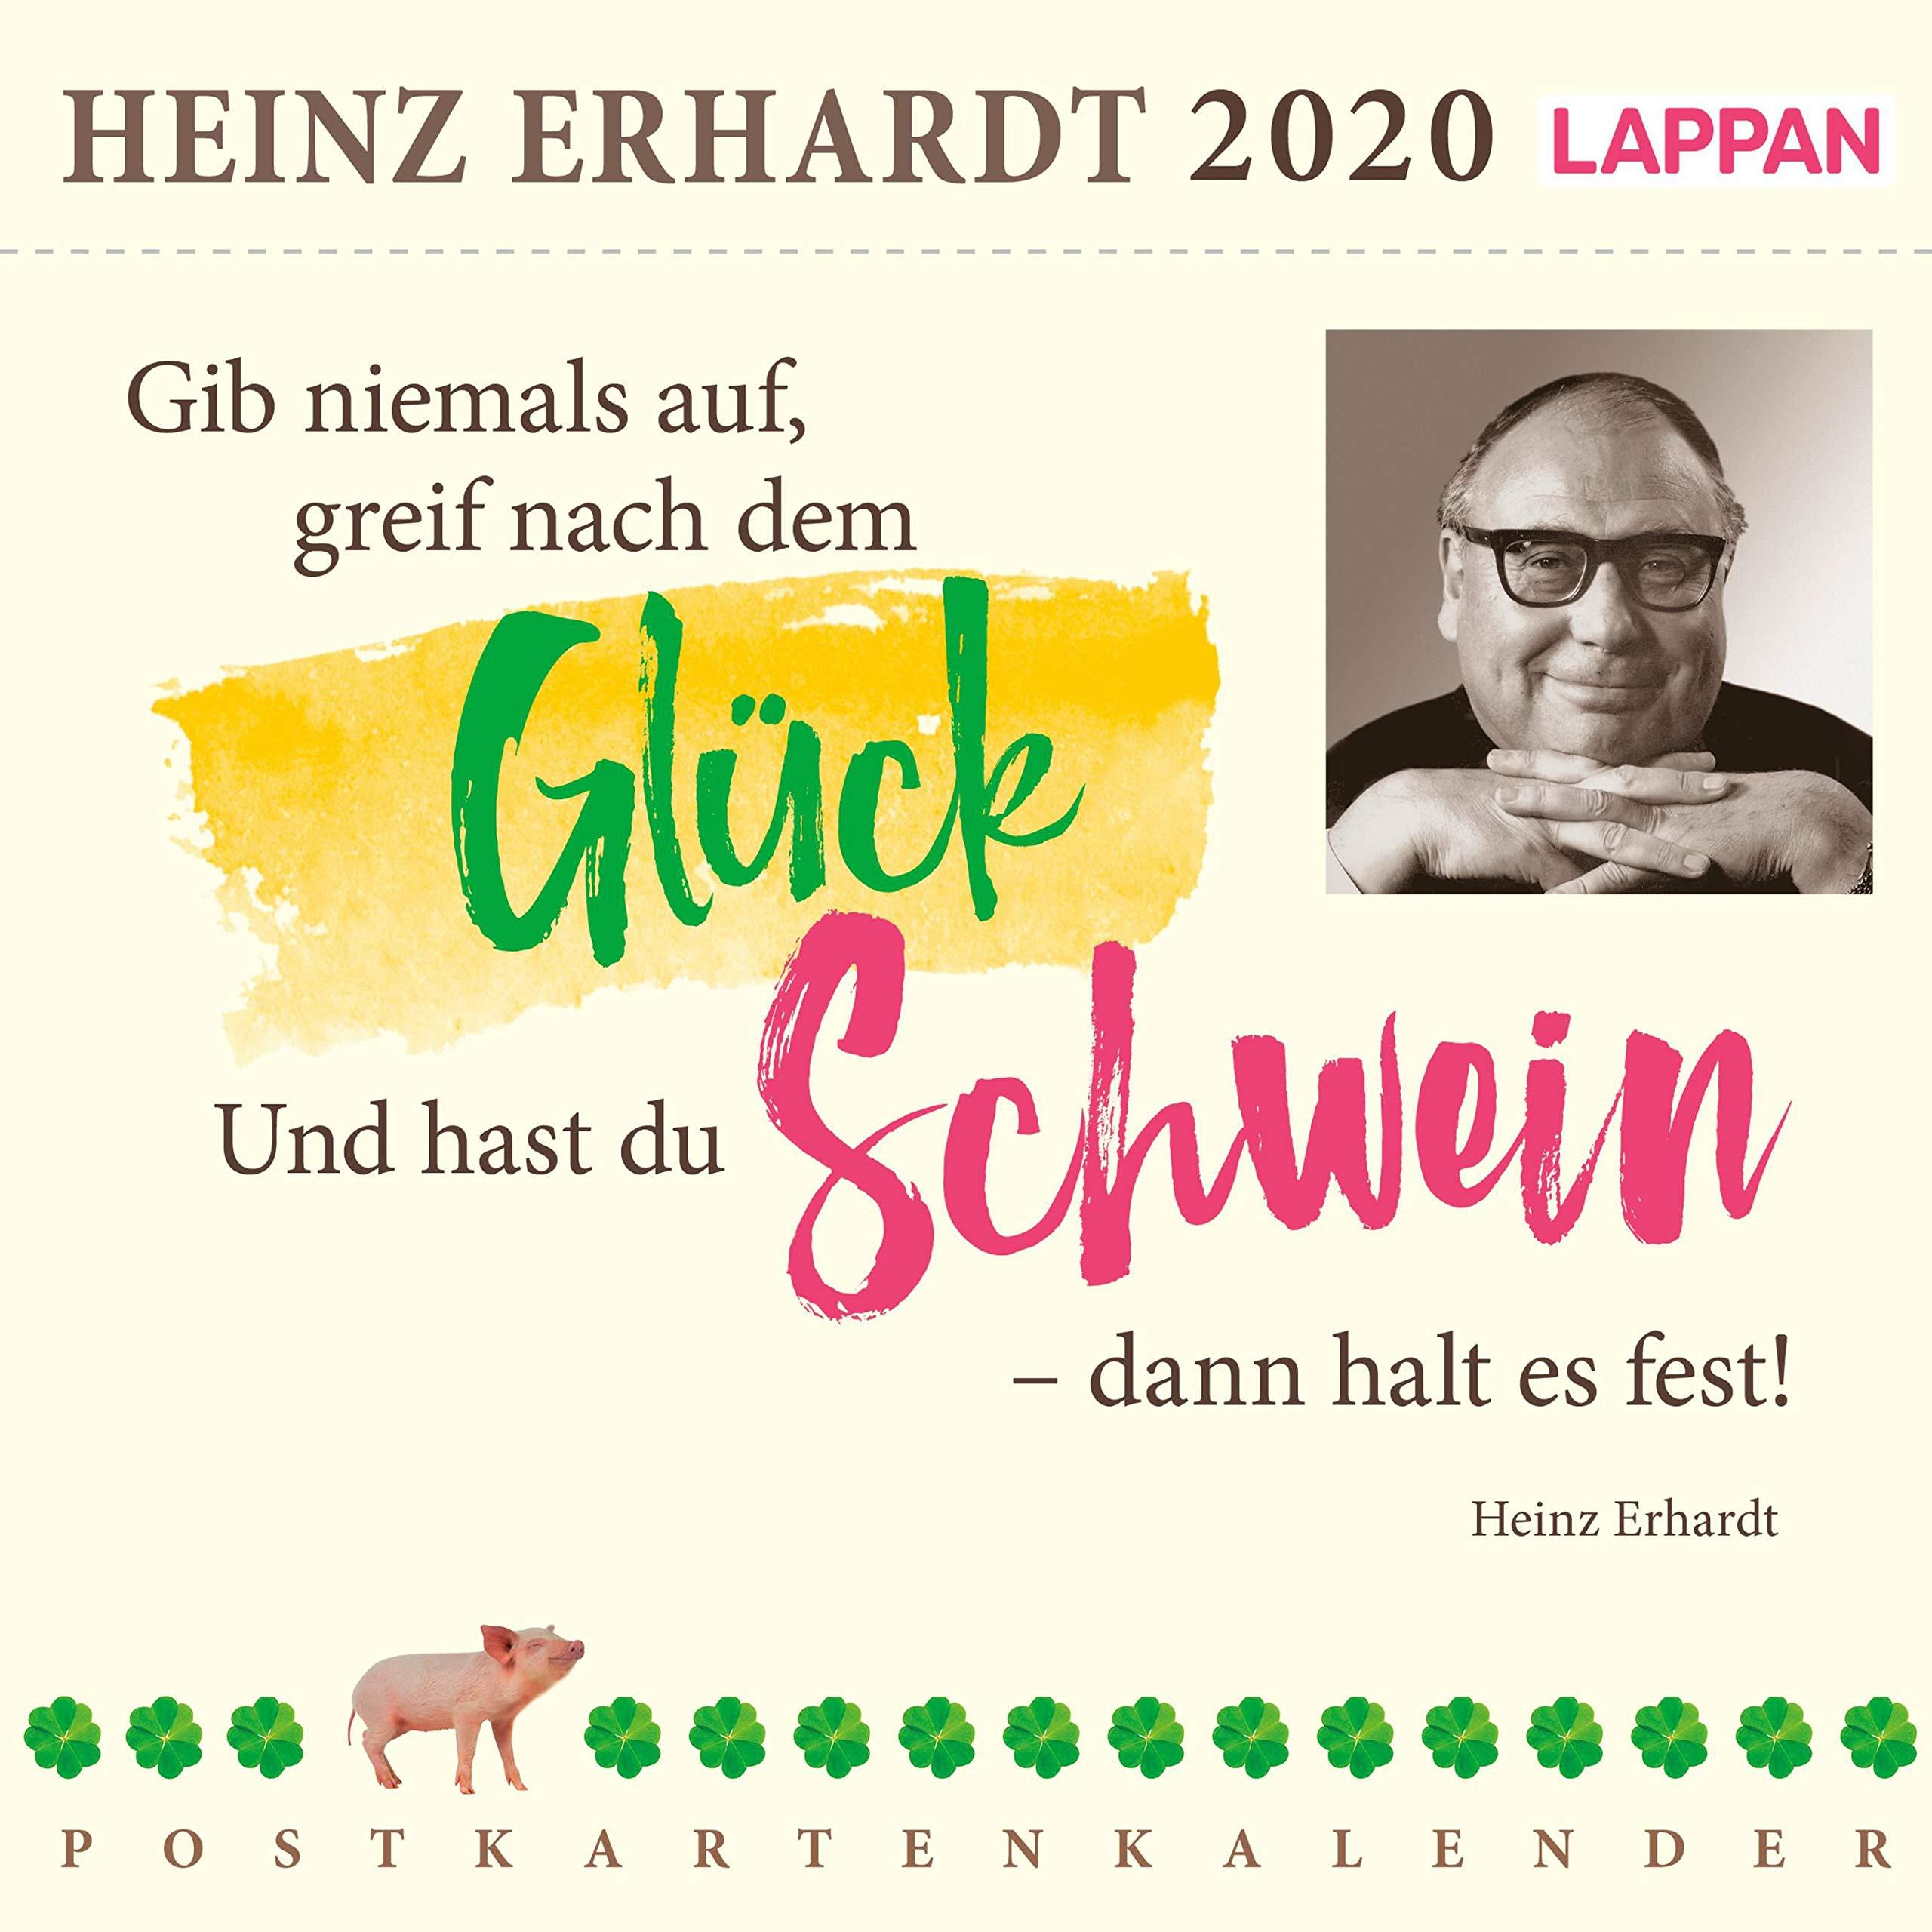 Gib Niemals Auf Greif Nach Dem Glück 2020 – Ein Heinz Erhardt Postkartenkalender  Heinz Erhardt Postkartenkalender